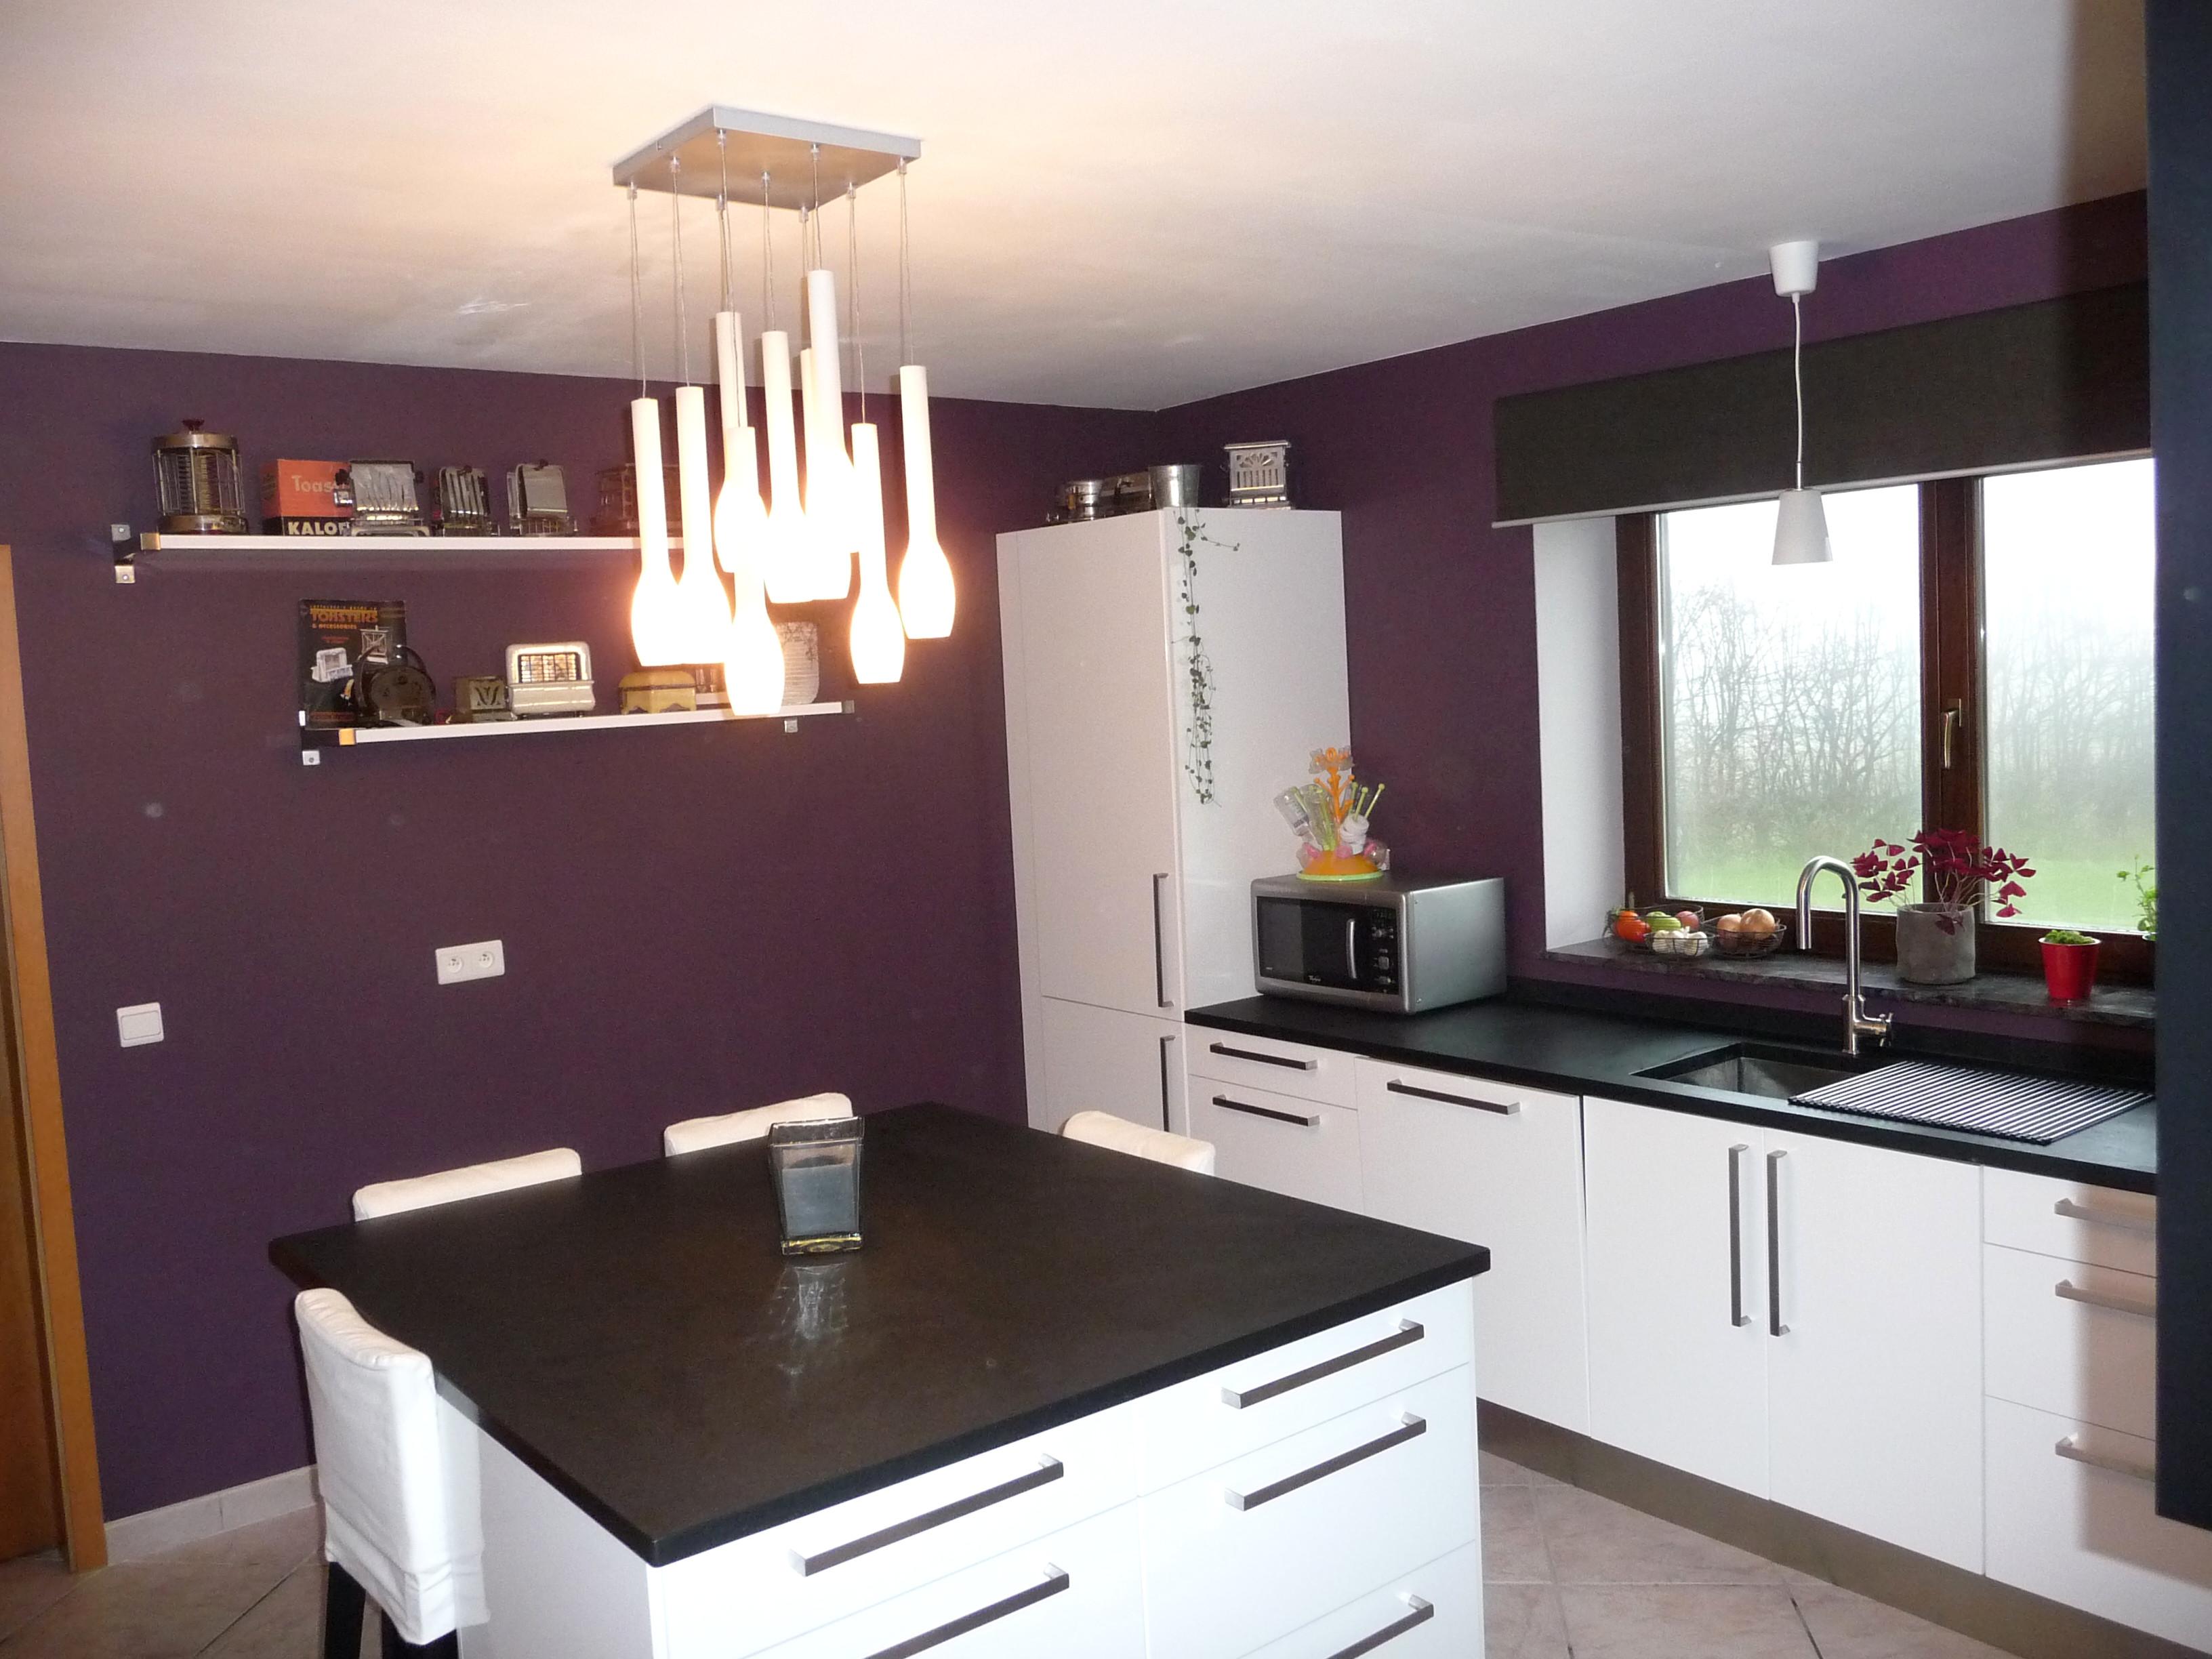 Quel Blanc Pour Les Murs meuble de cuisine blanc quelle couleur pour les murs - idée pour cuisine